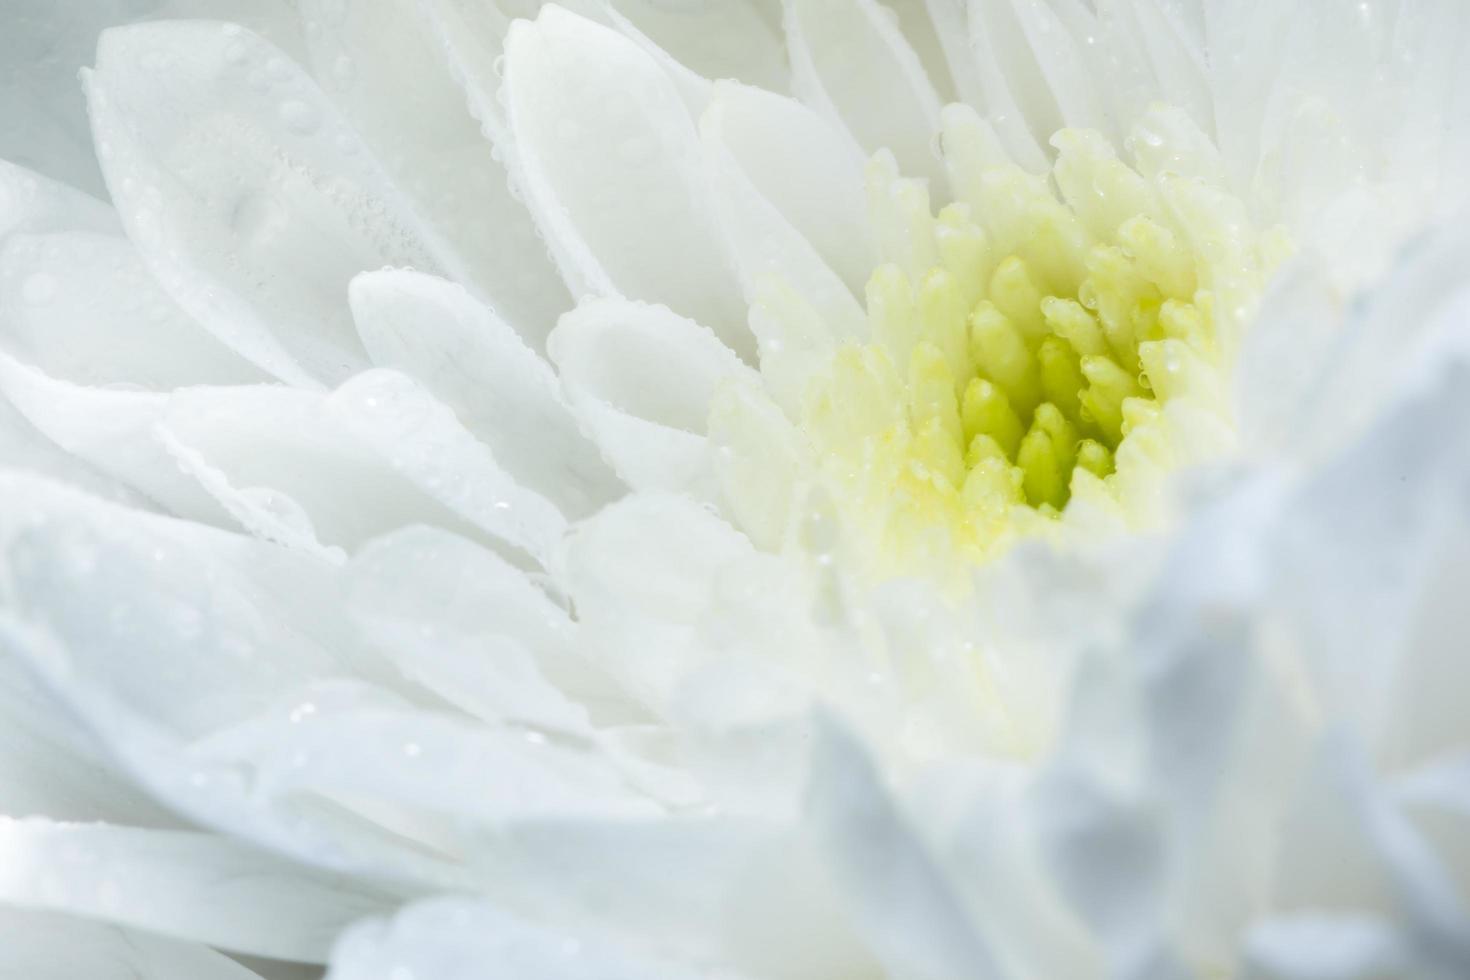 chrysant witte bloem close-up. foto